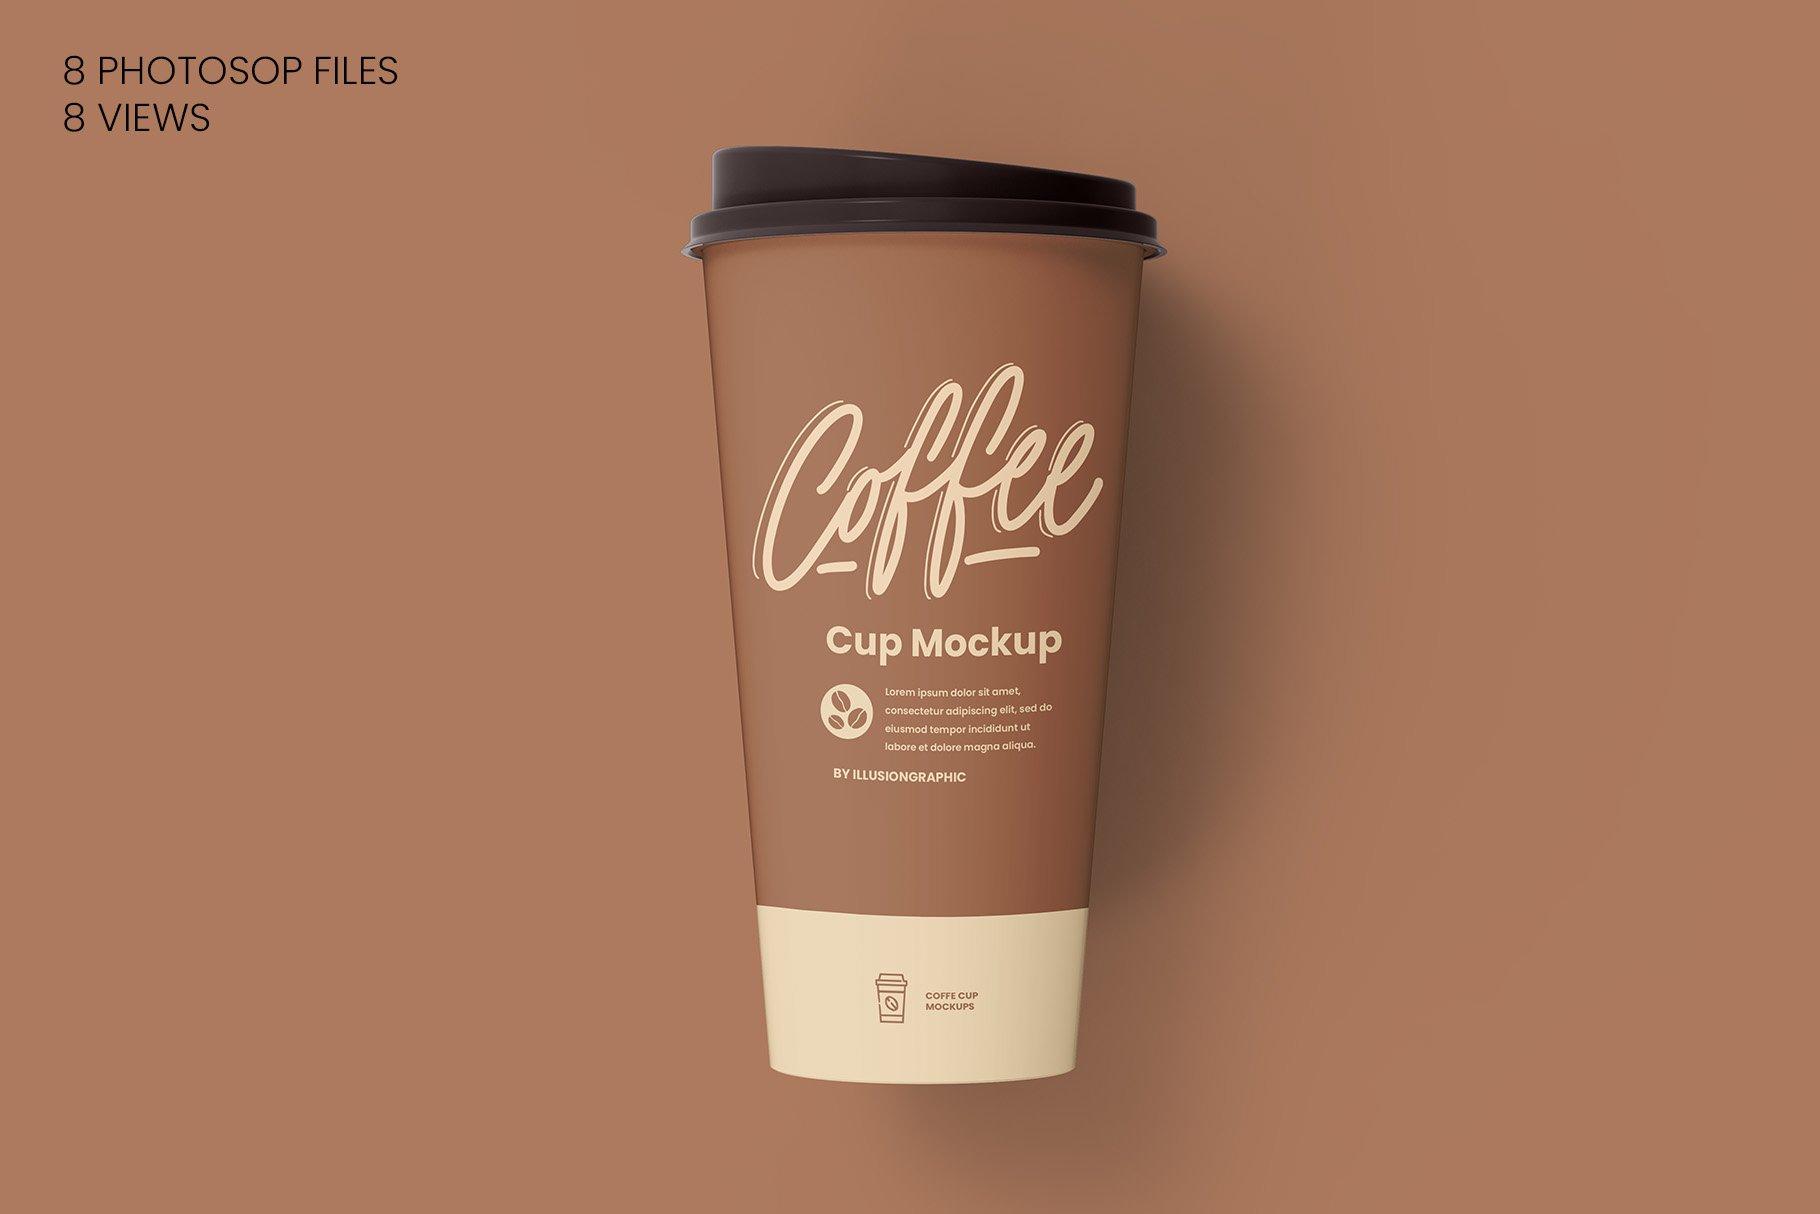 8个一次性咖啡外卖纸杯设计贴图样机模板 Coffee Cup Mockup – 8 views插图6